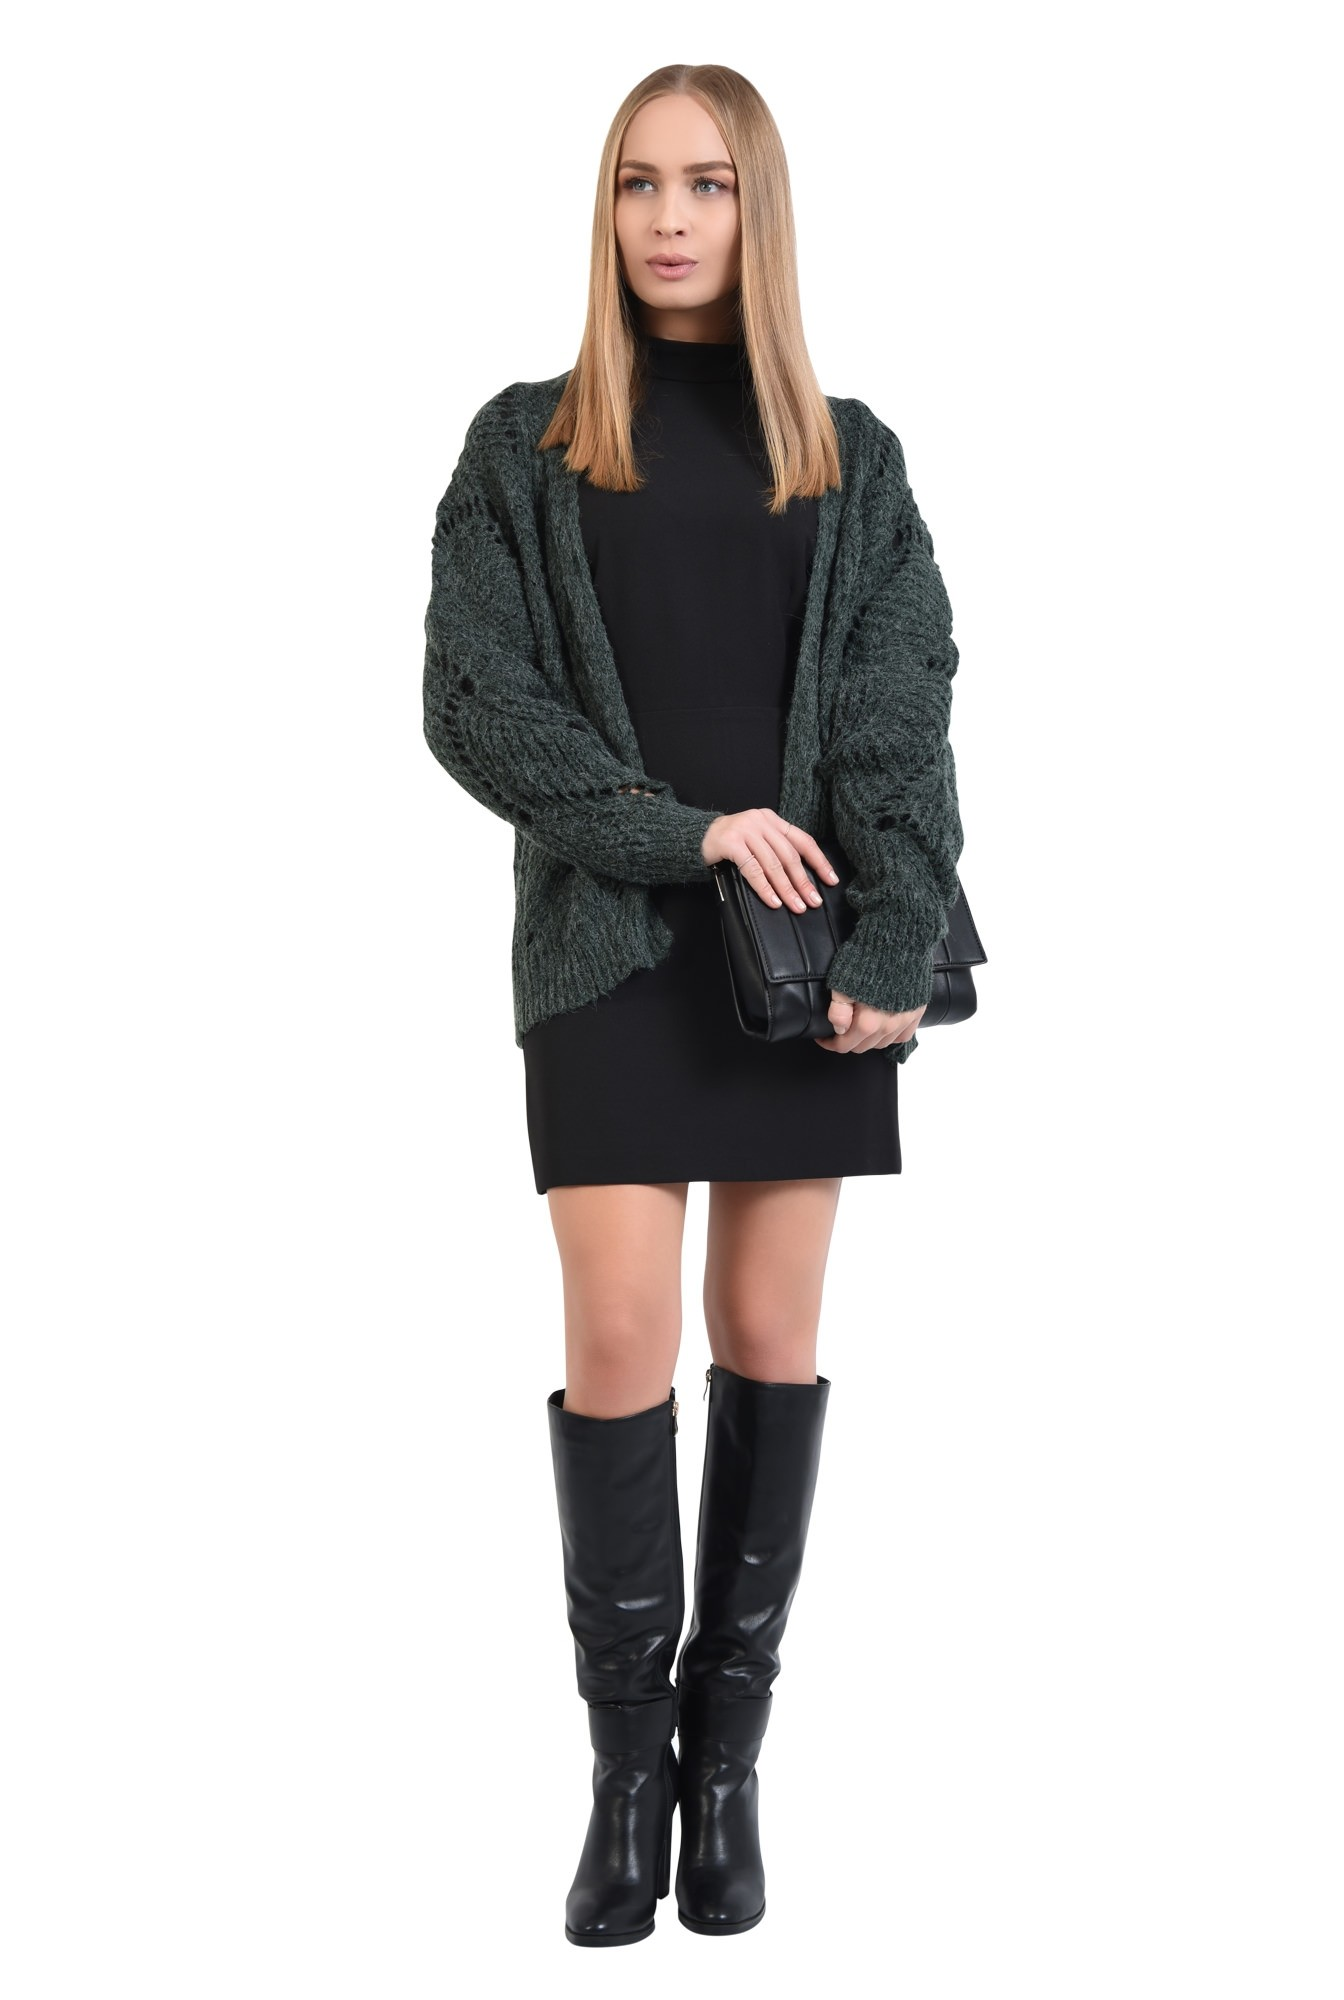 360 - pulover verde, jacheta tricotata, motive ajurate, cu ochiuri largi